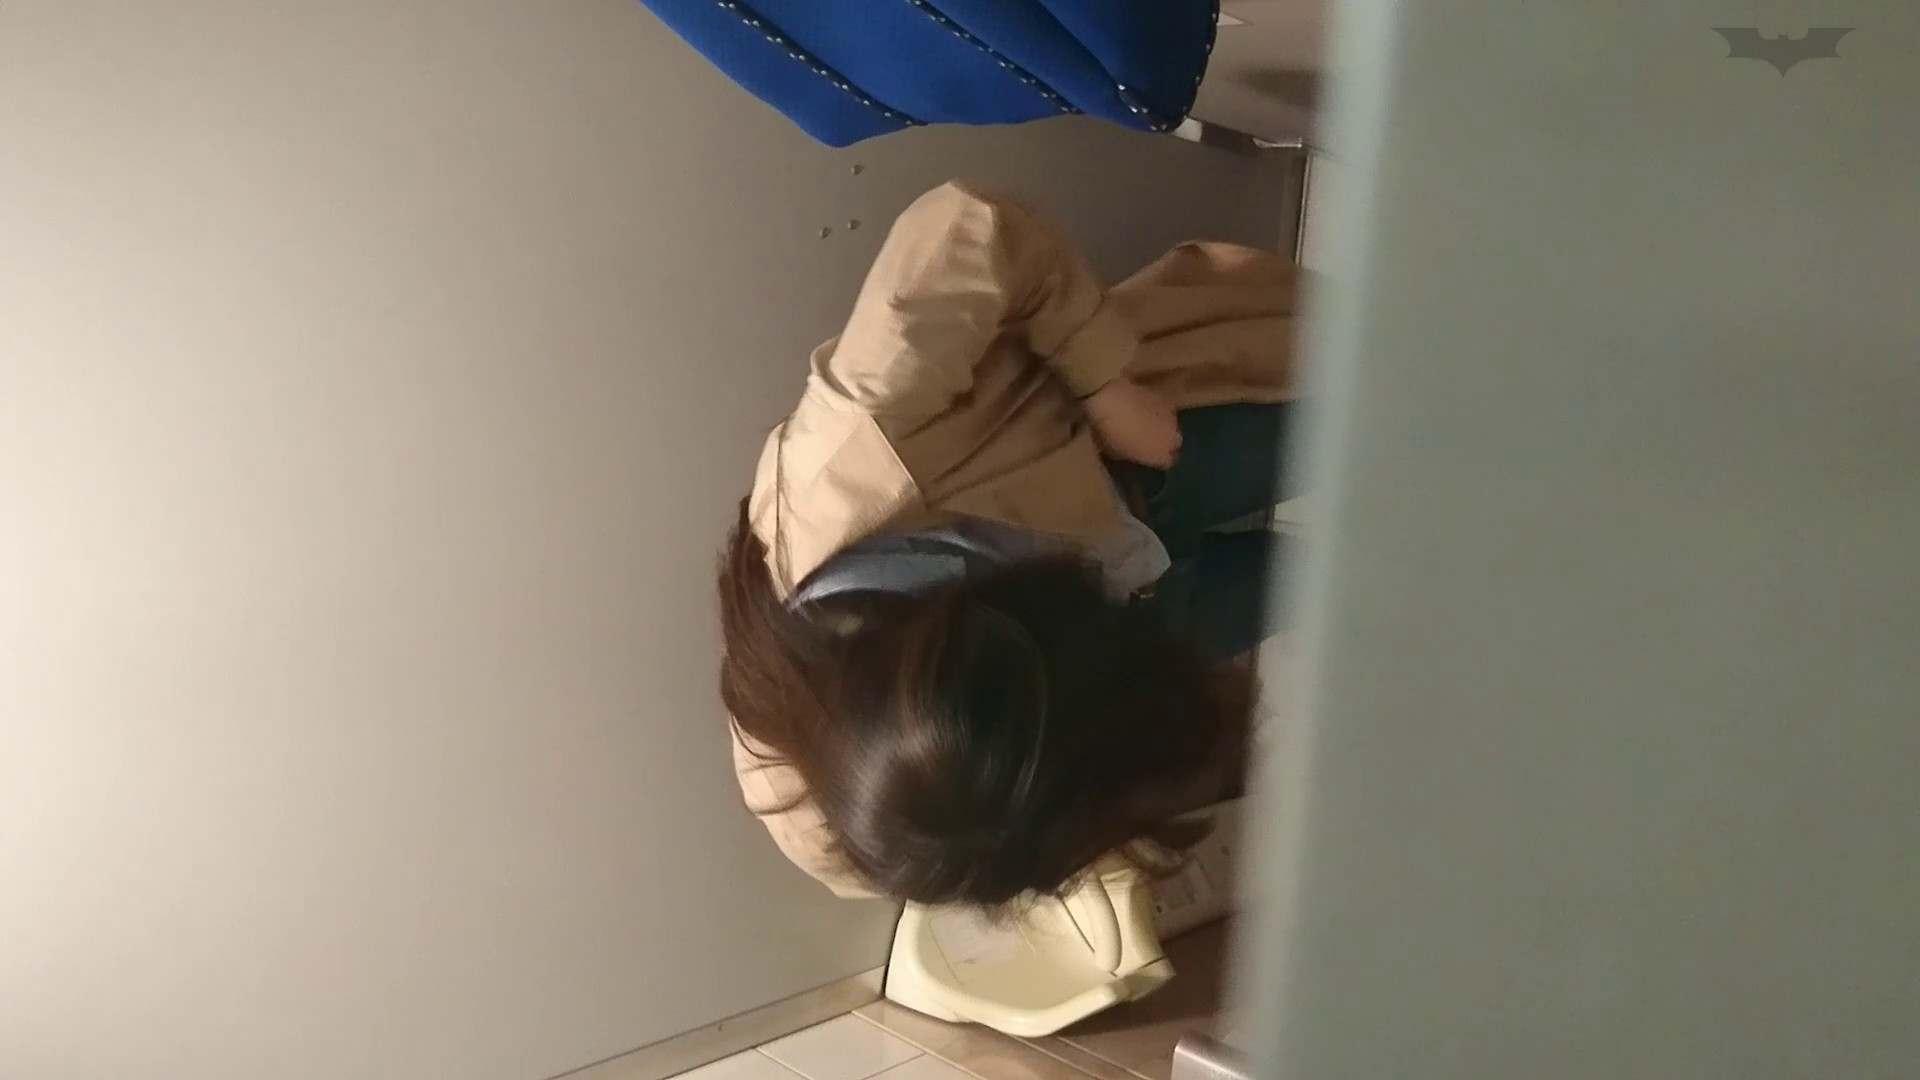 化粧室絵巻 ショッピングモール編 VOL.18 盛合せ オメコ無修正動画無料 108枚 22